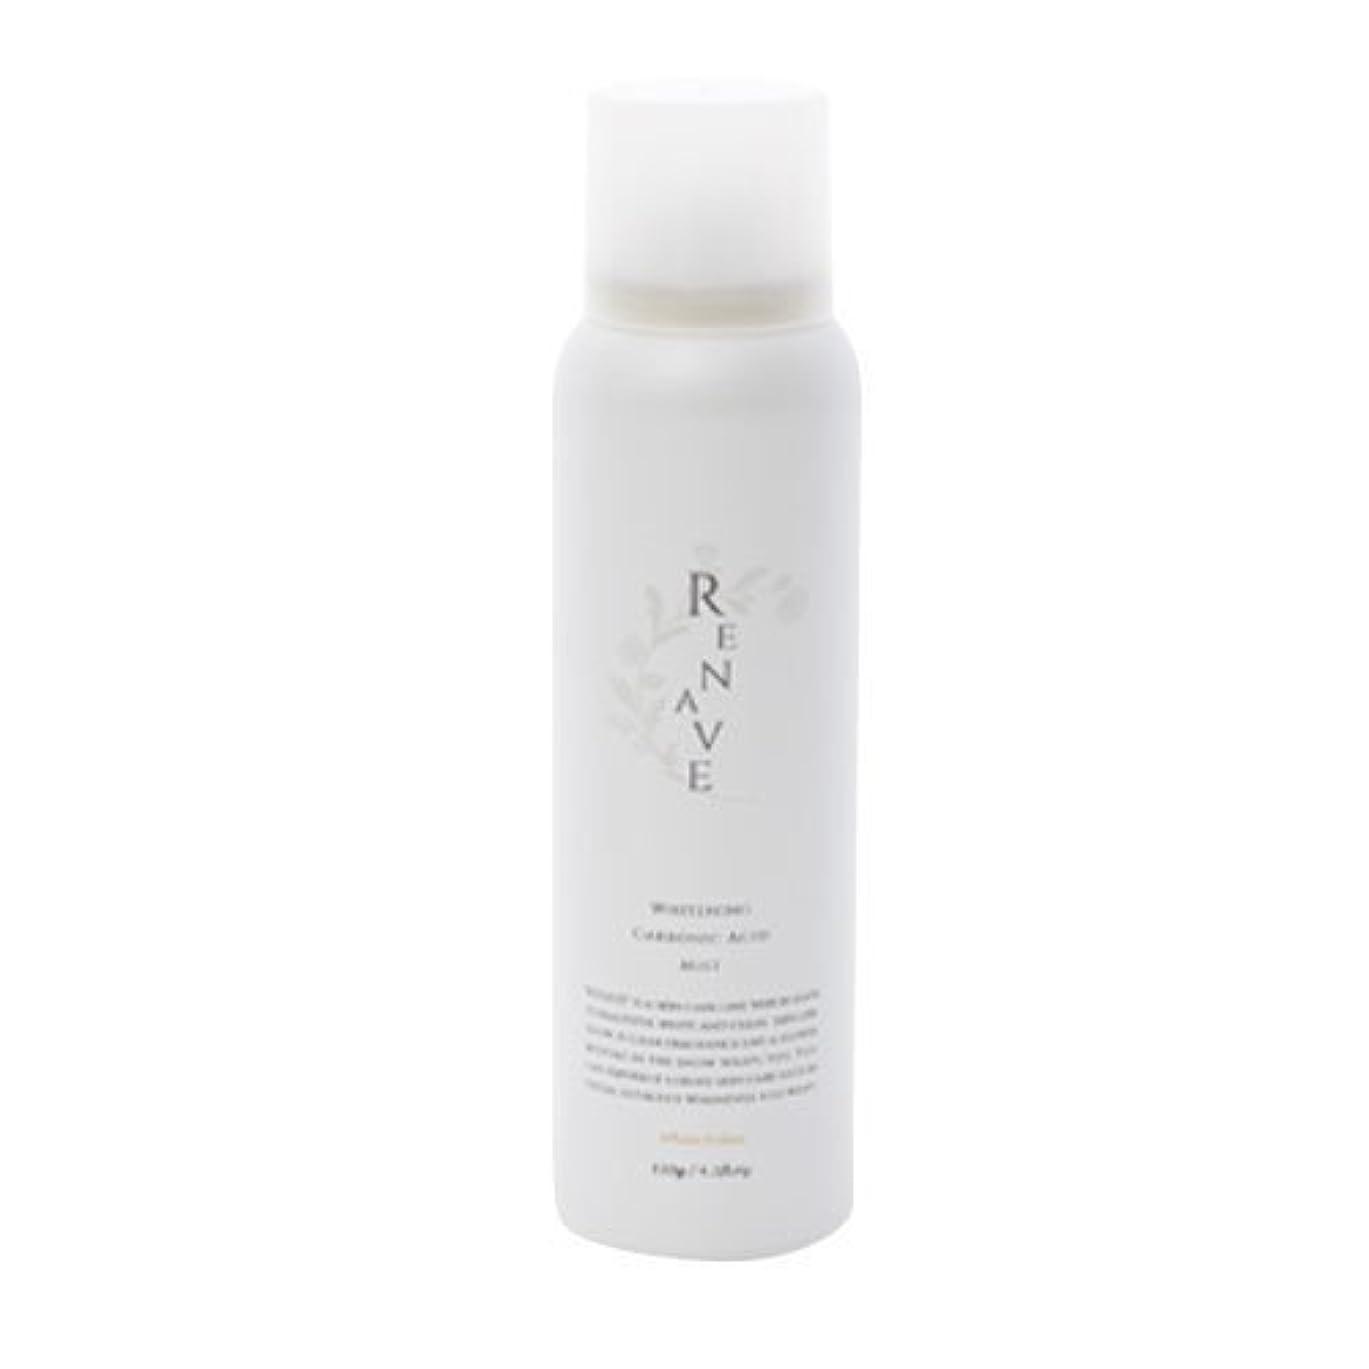 自動付録領域RENAVE(リネーヴェ) 高濃度炭酸ミスト 薬用美白化粧水 120ml